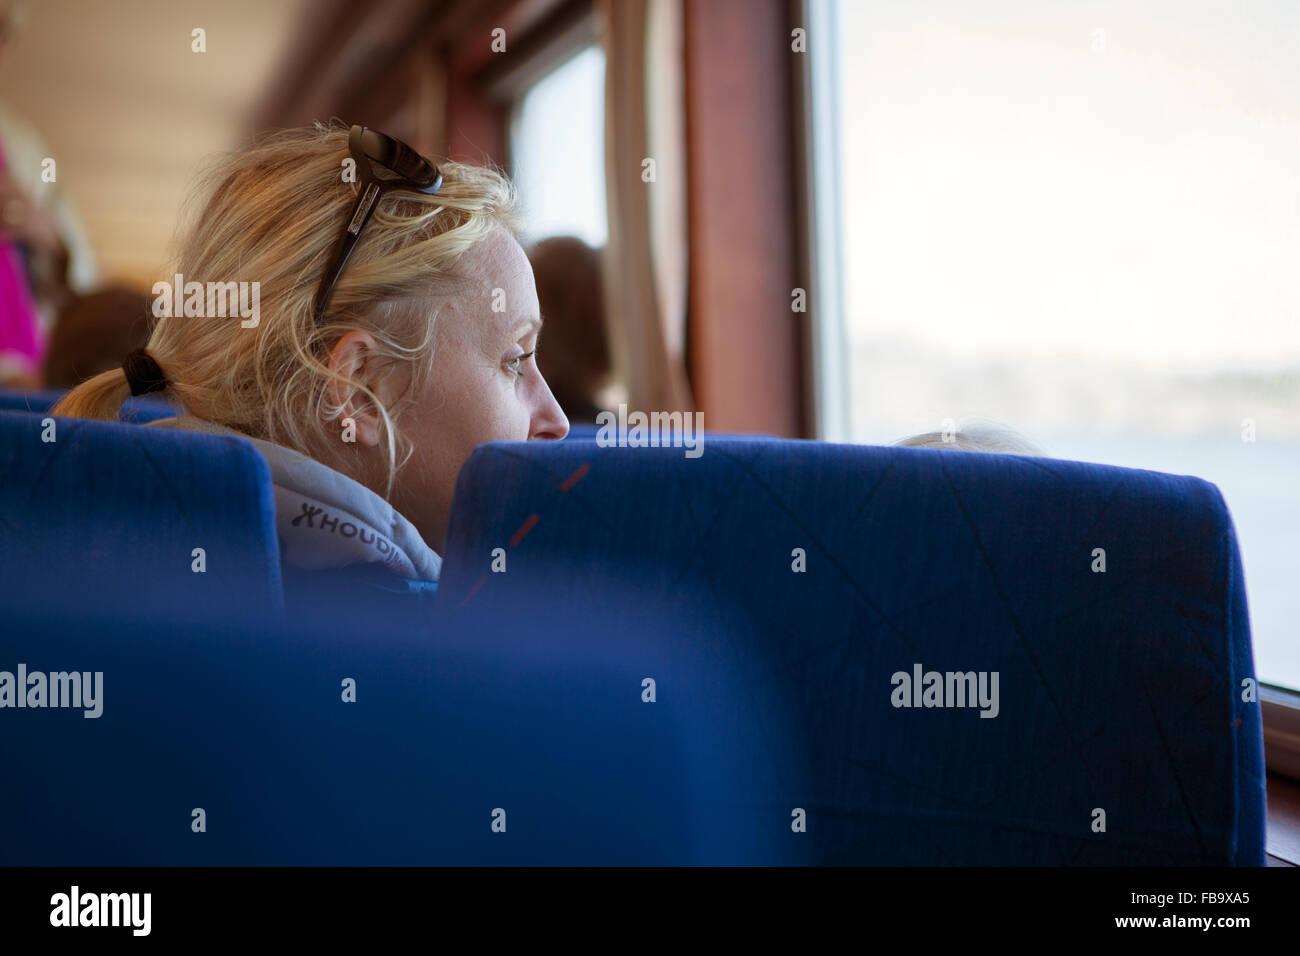 La Suède, l'archipel de Göteborg, Vastergotland, Styrso, blonde mature femme regardant par la fenêtre Photo Stock